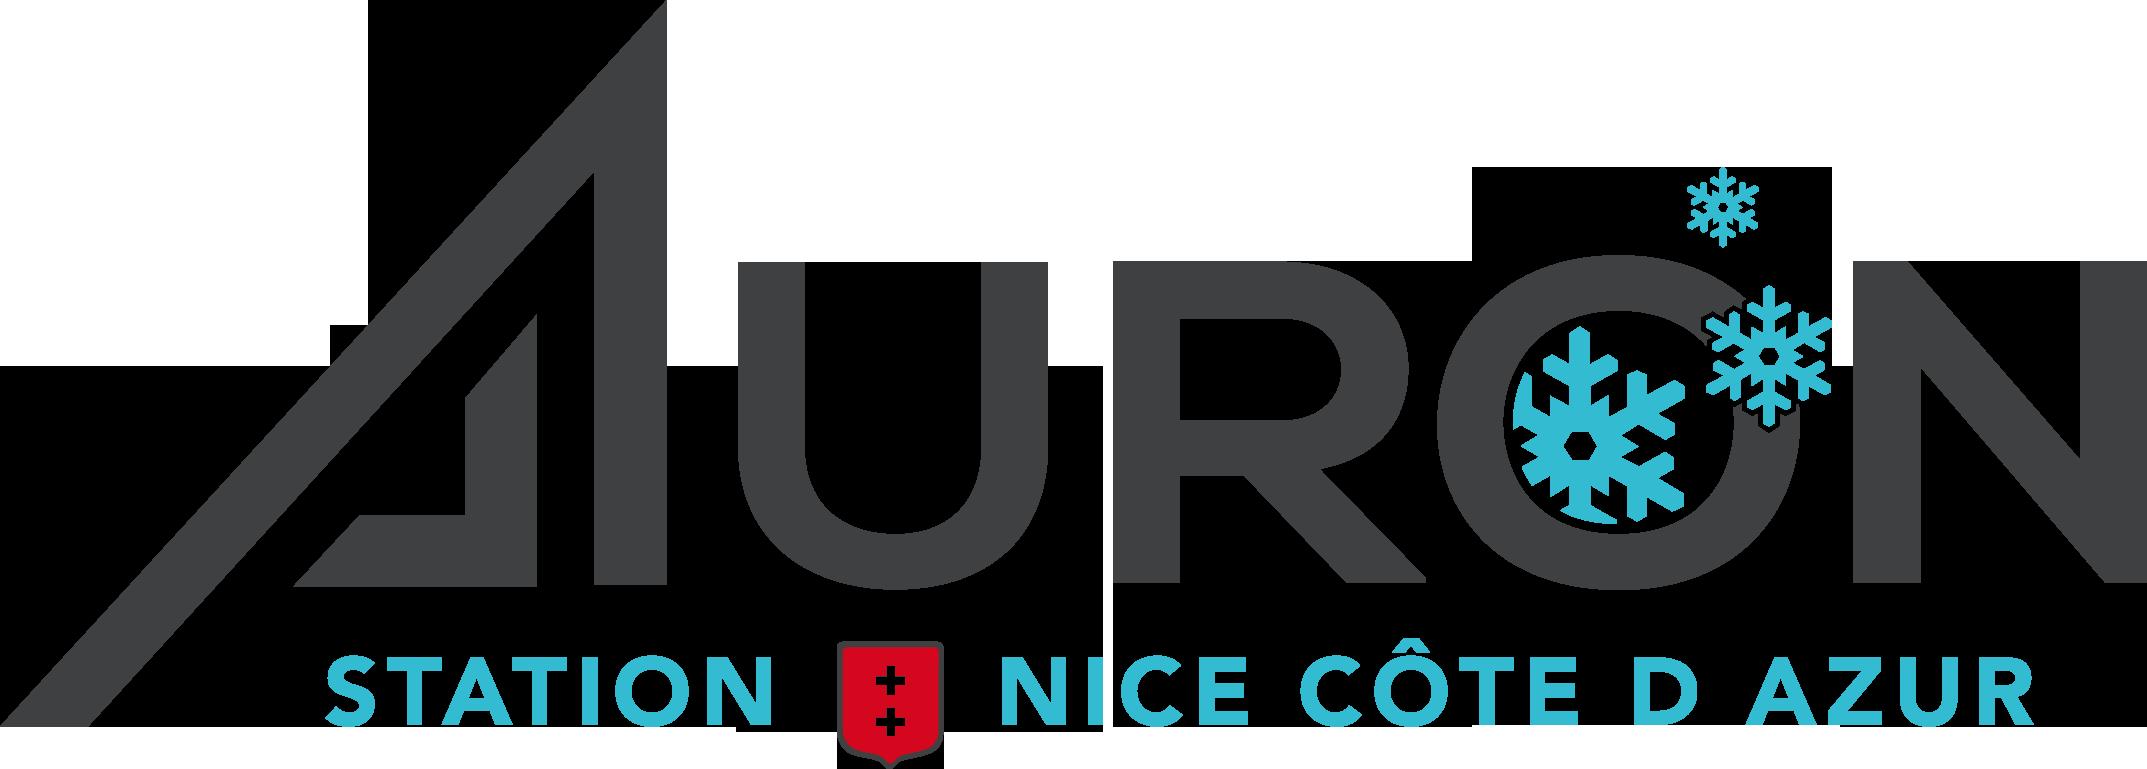 logo de la station de auron-logo-metropole.png